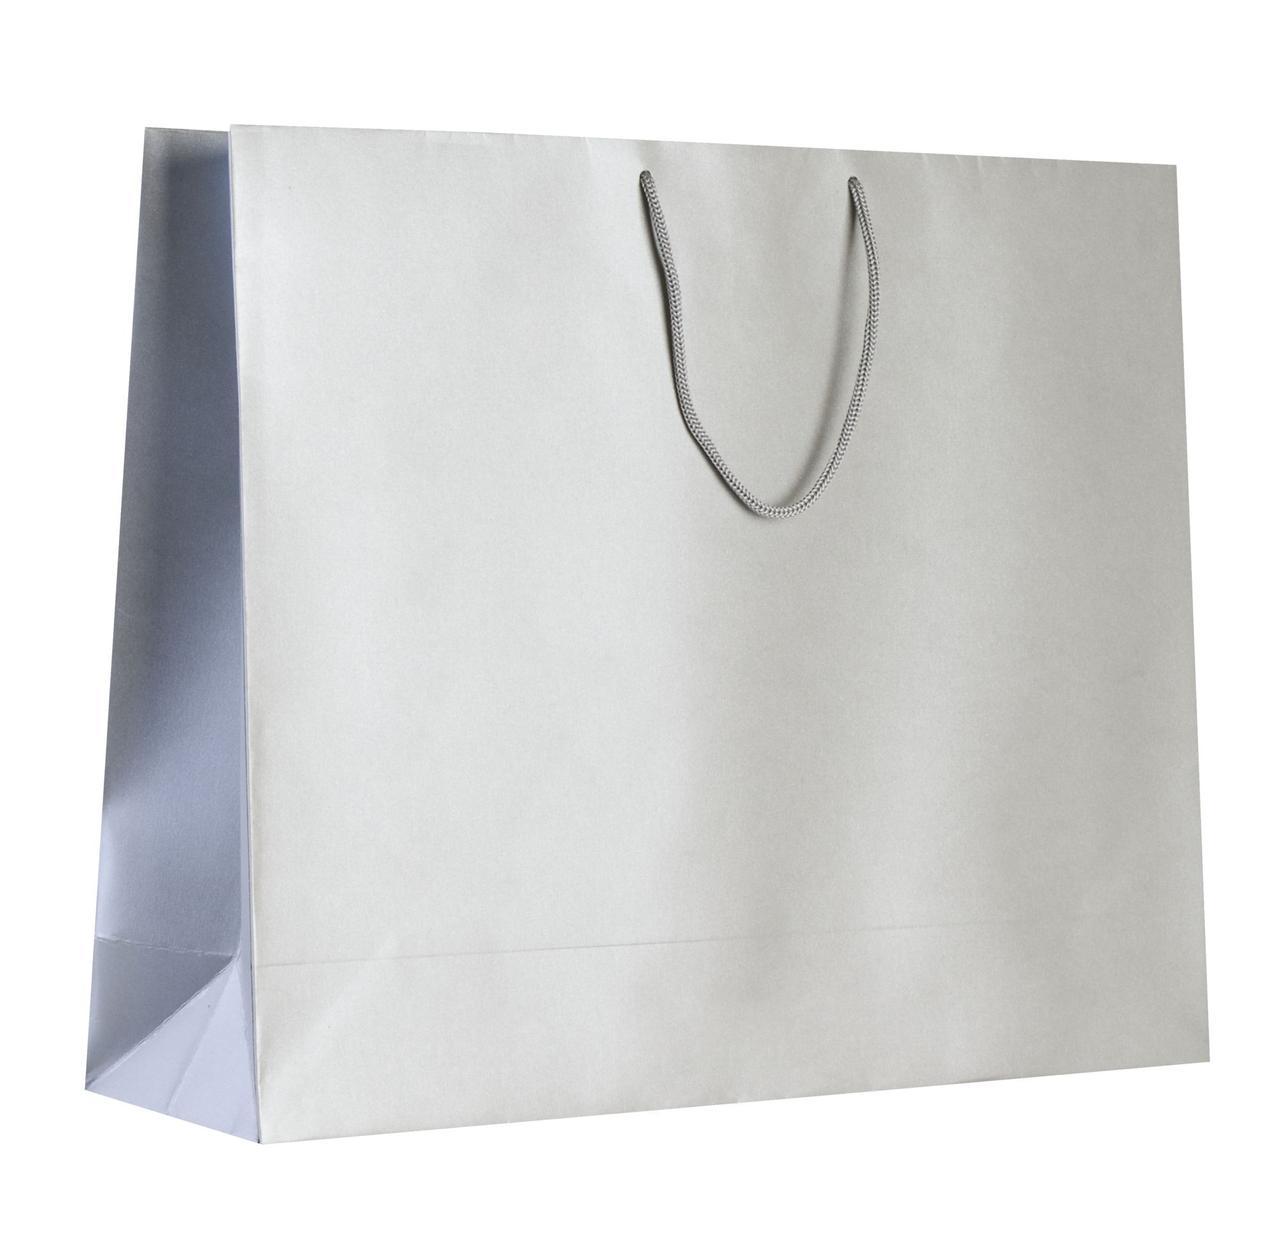 Пакет бумажный «Блеск», большой, серебристый (артикул 5868.10)